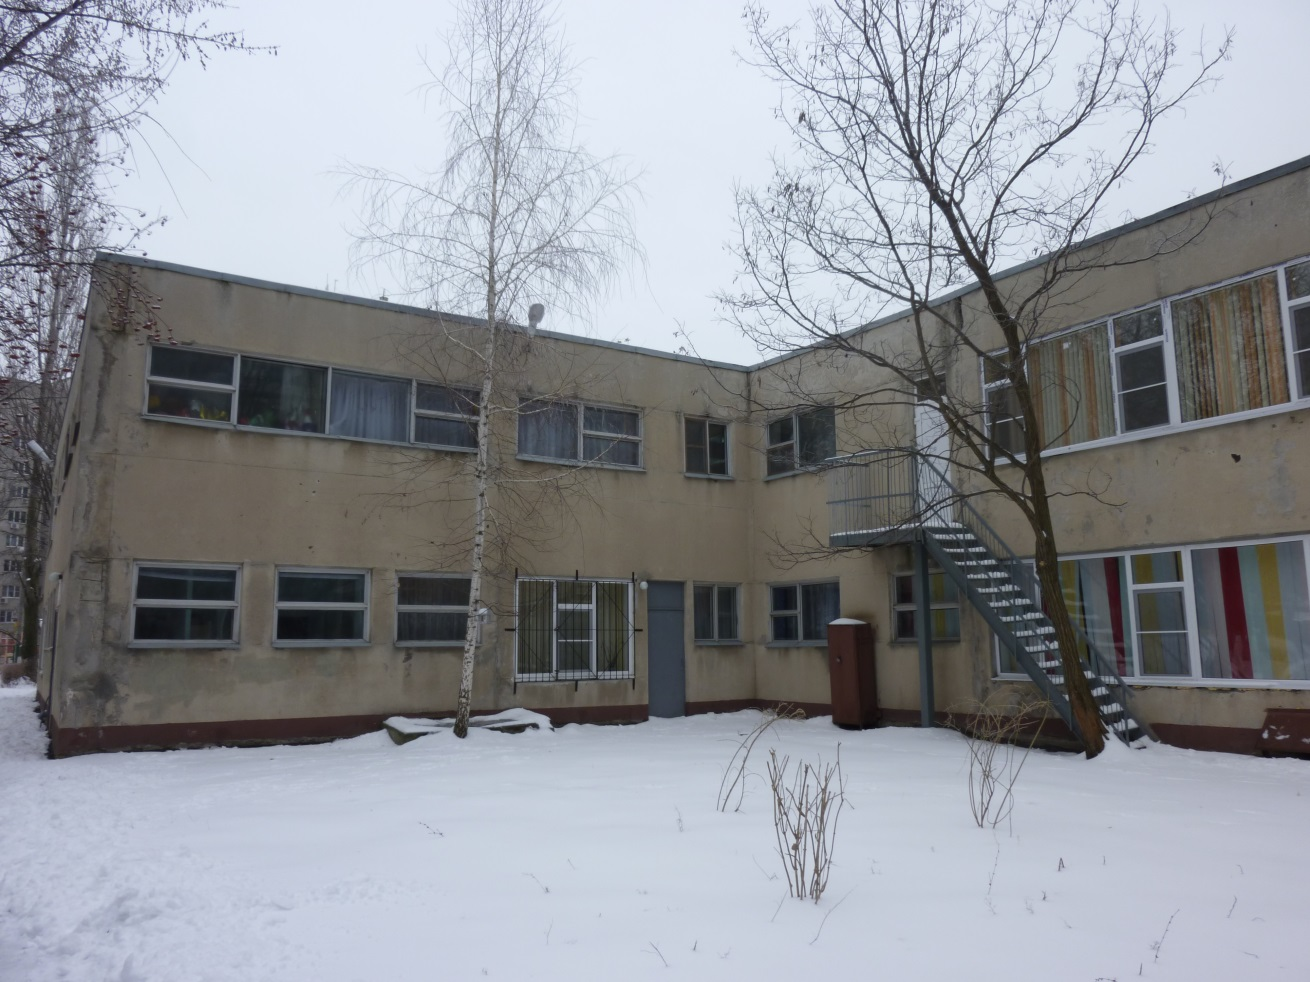 Детский сад  № 315. Обследование и разработка проекта усиления строительных конструкций здания